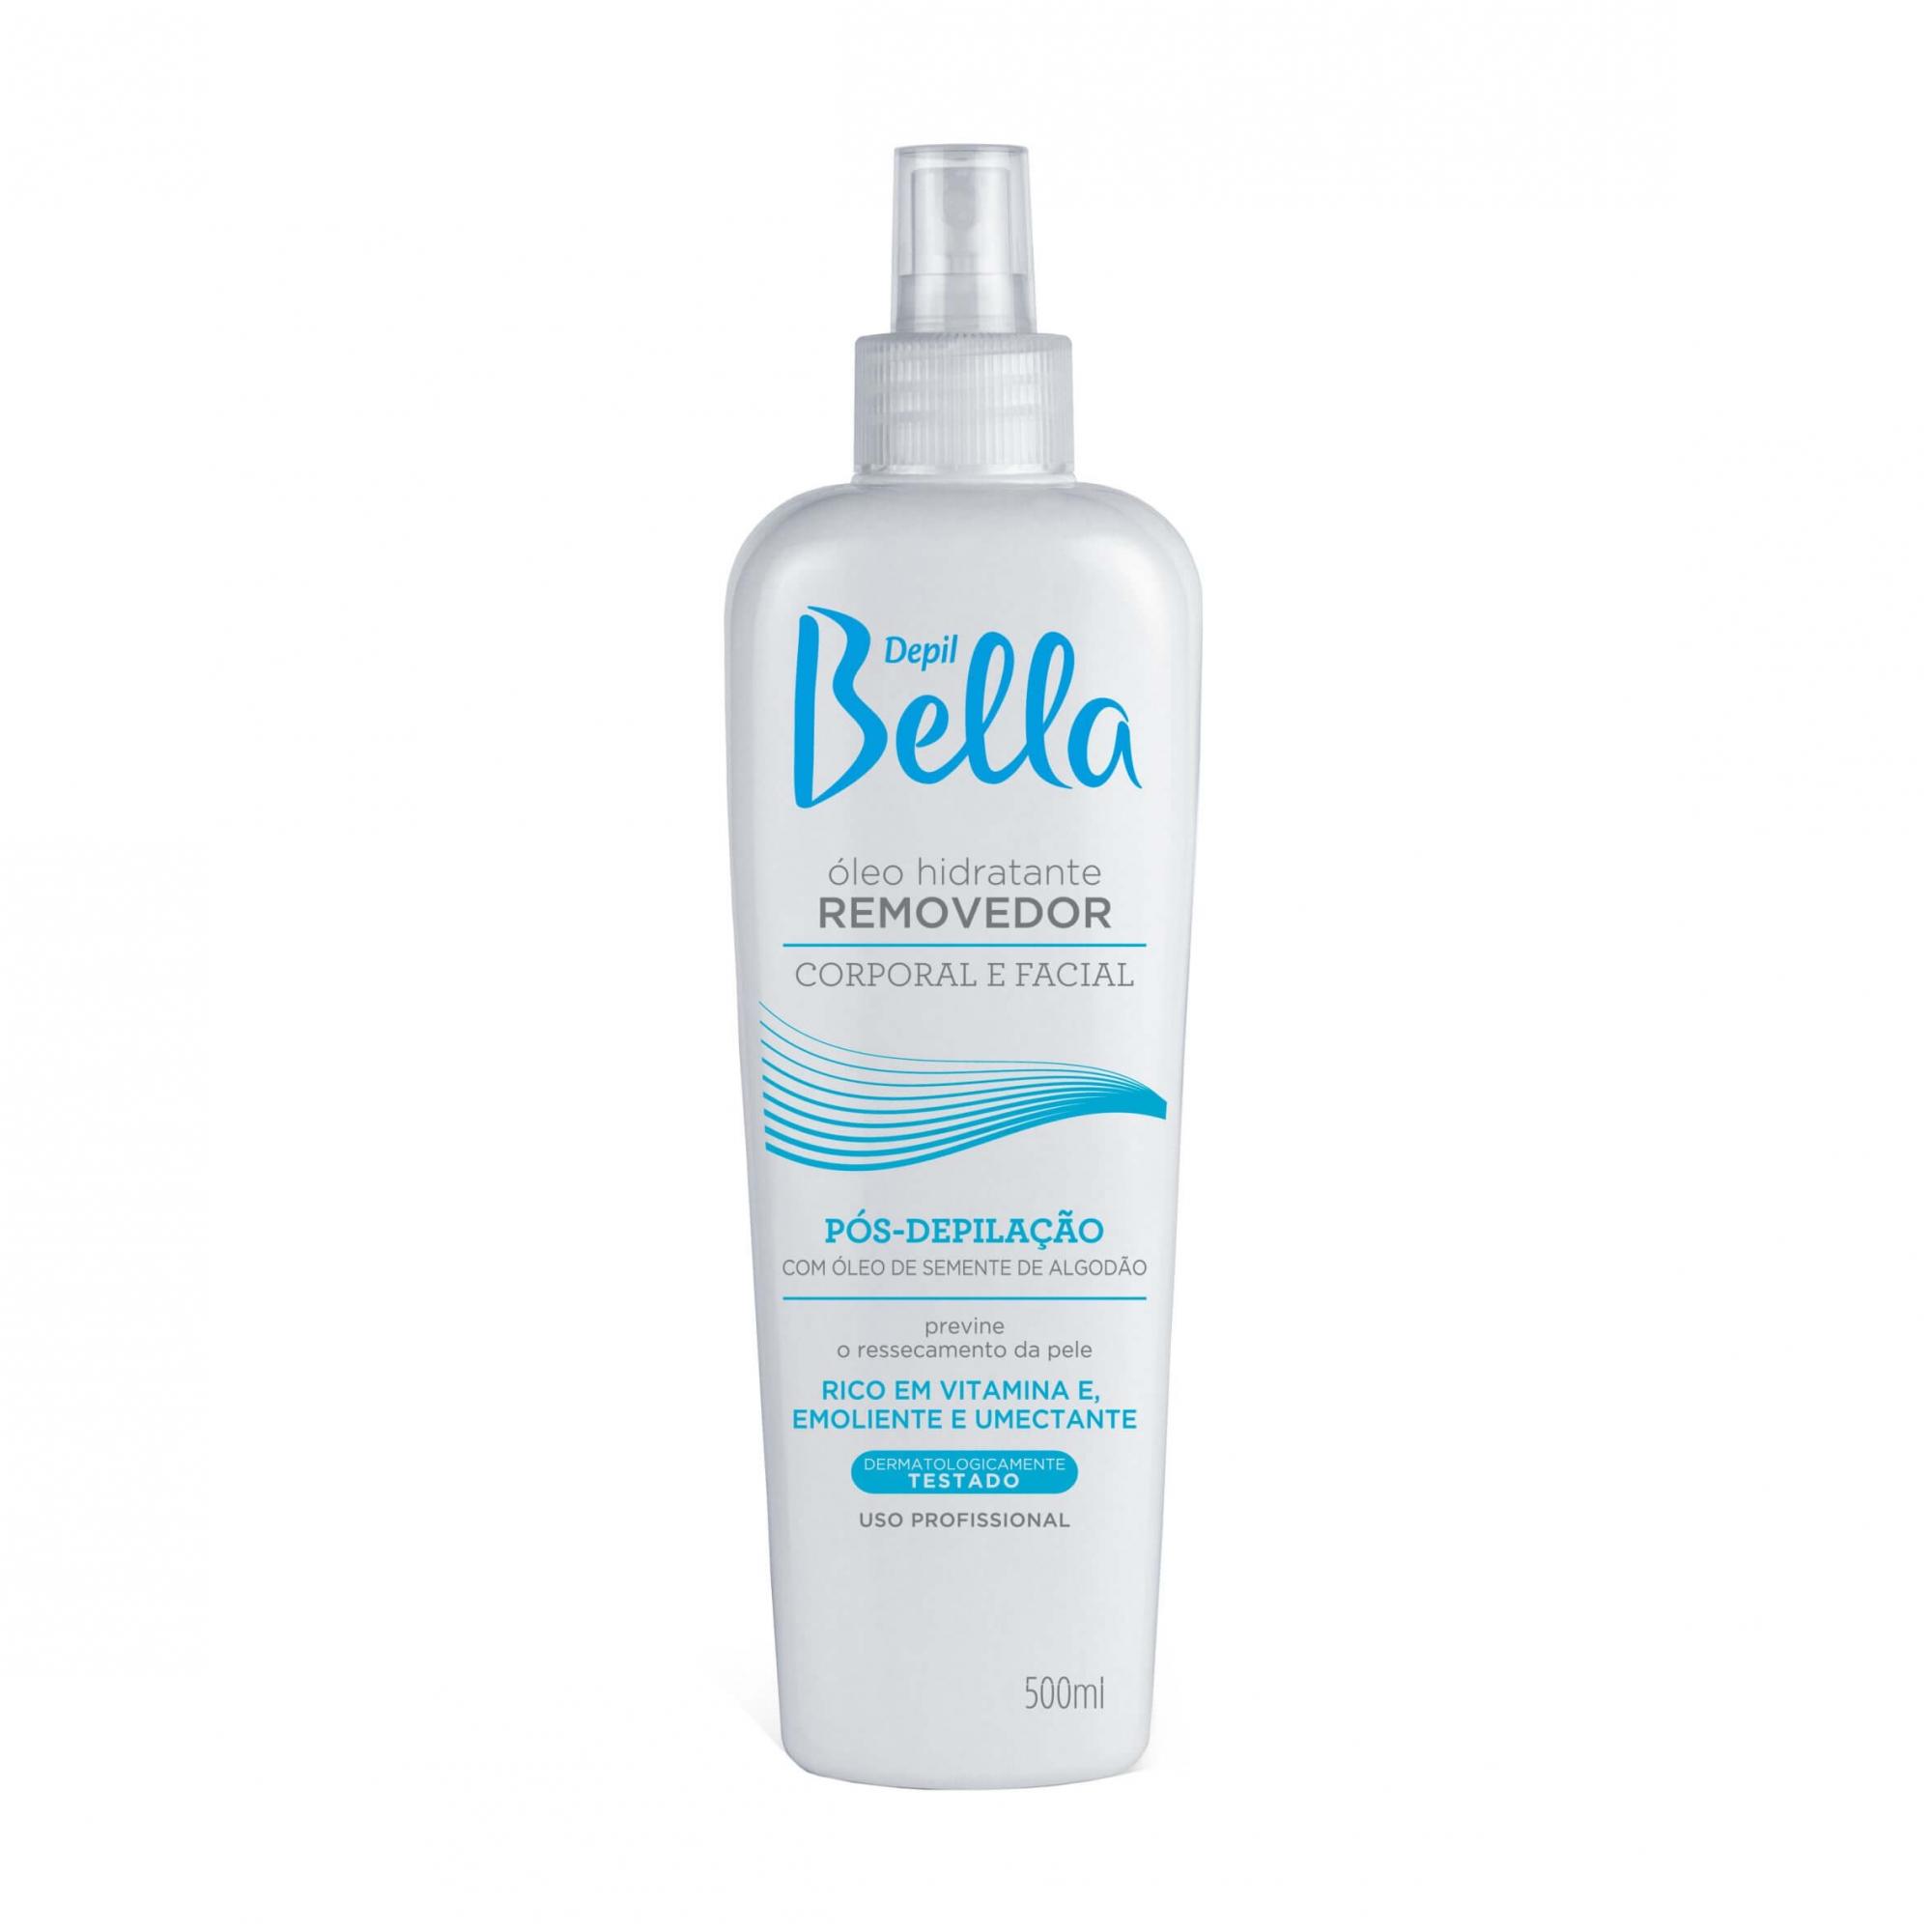 Óleo Hidratante Removedor - Semente de Algodão - Depil Bella 500ml